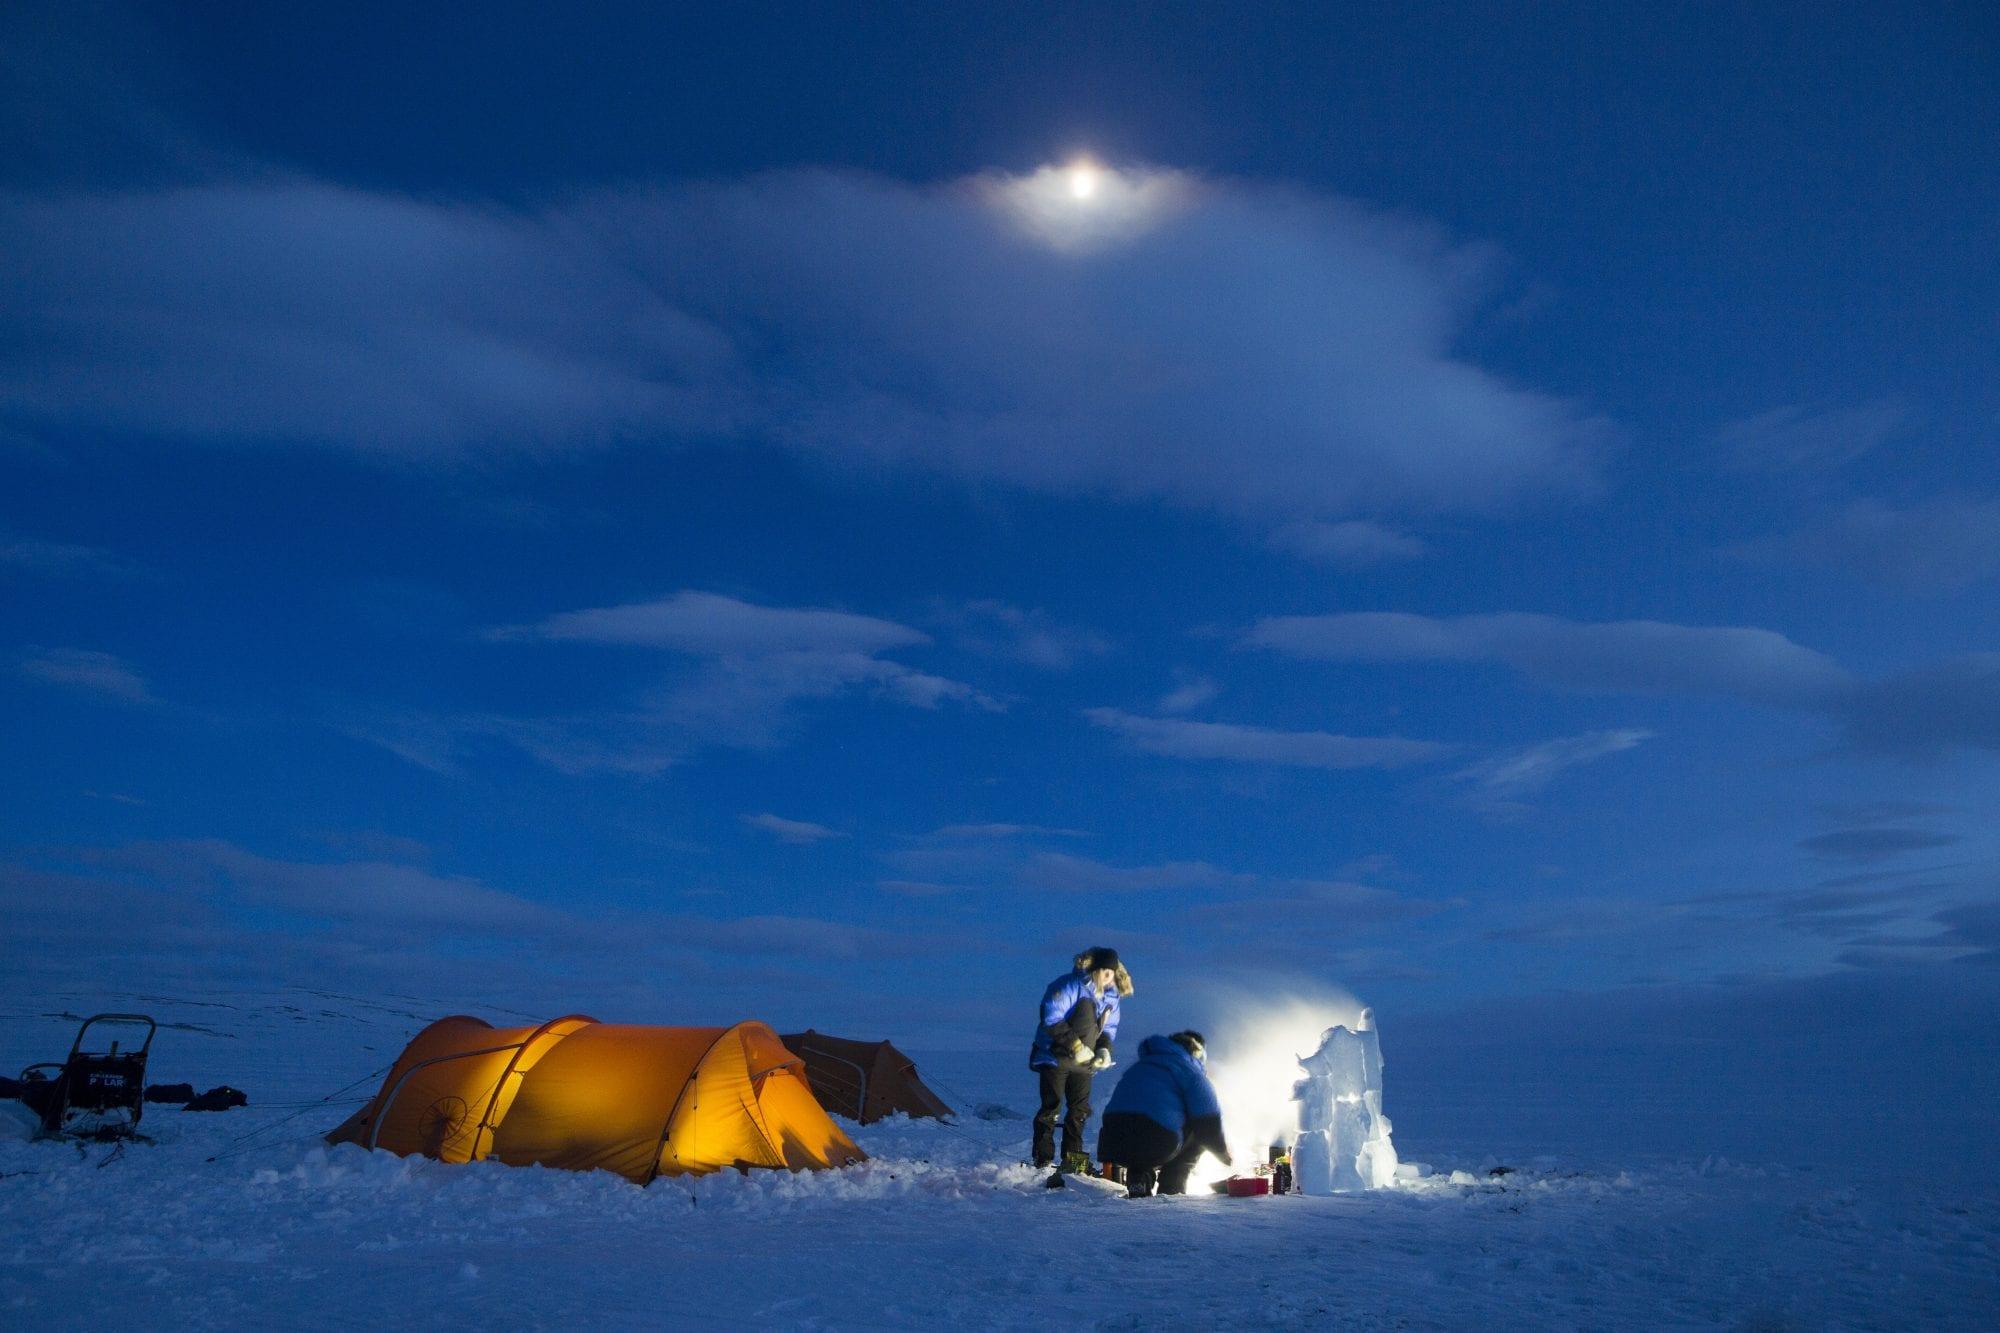 Fjällräven Polar 4